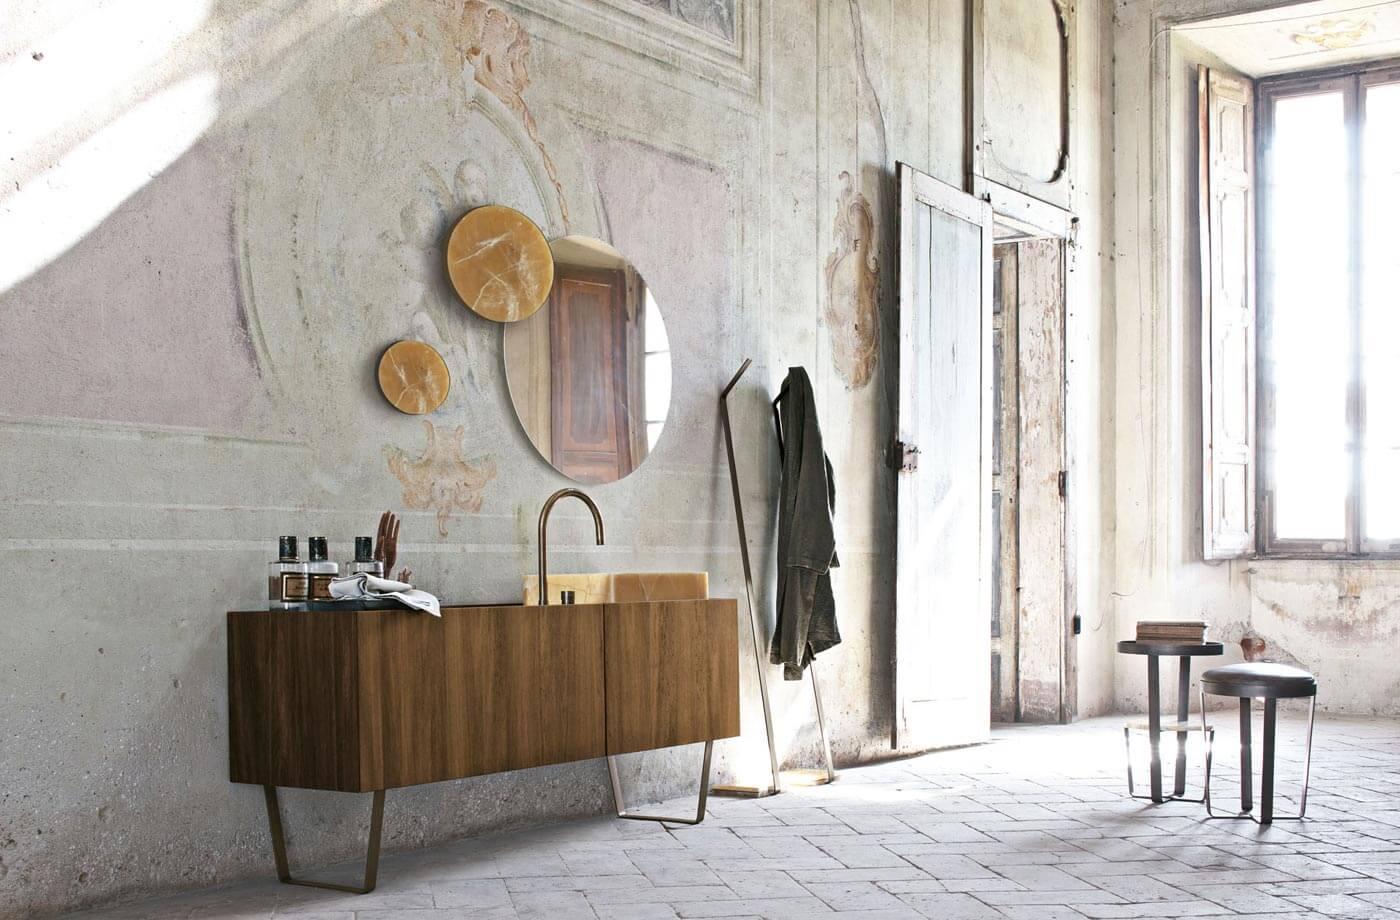 Imagens de #8E6B3D  banheiro outra ideia de móveis modernos em um banheiro cássico 1400x920 px 3604 Banheiros Super Simples